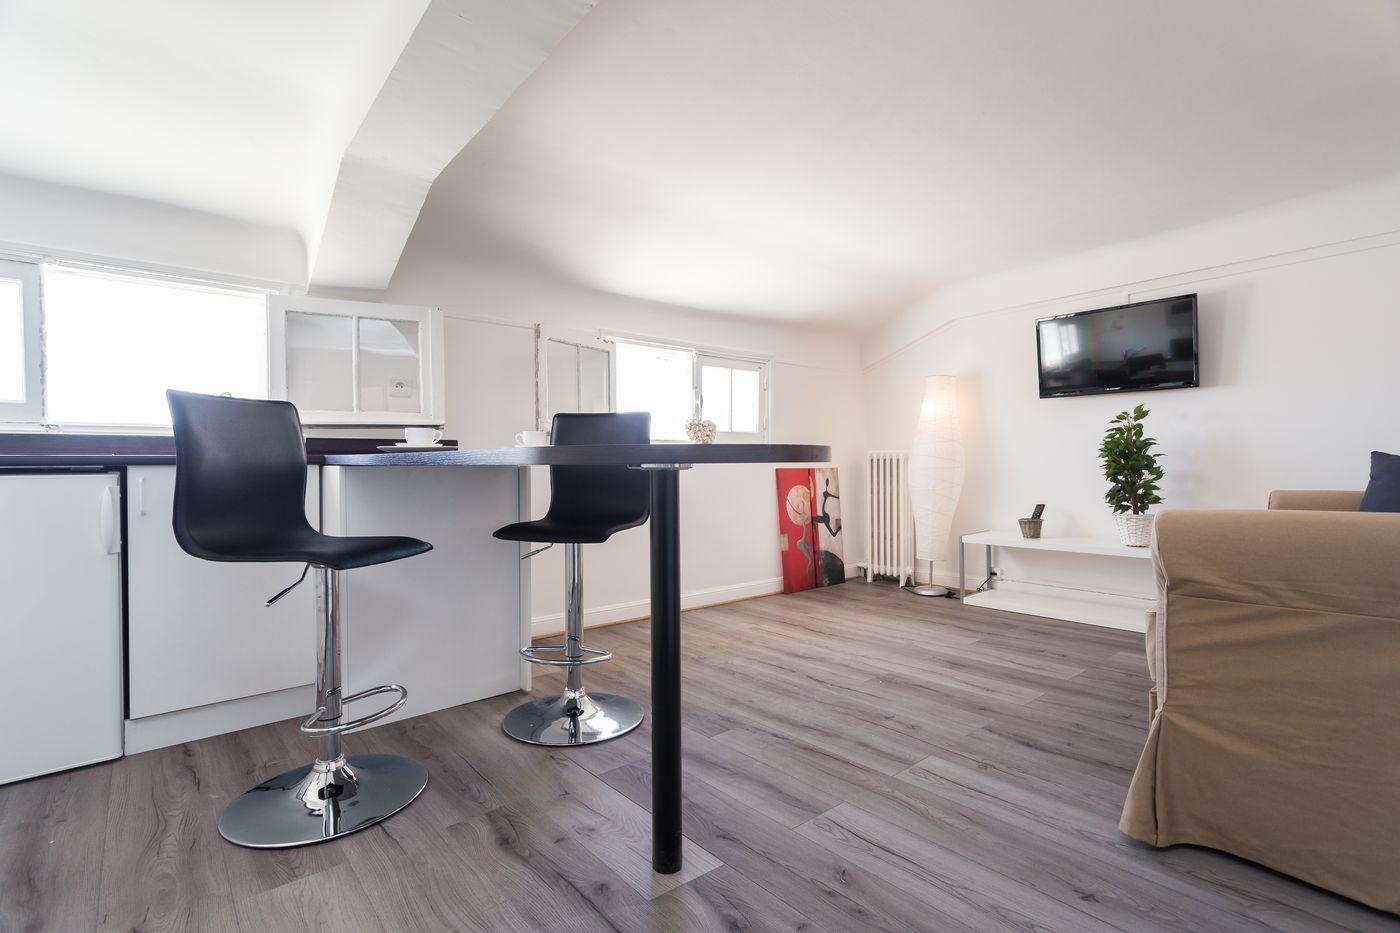 Location appartement Metz : la colocation